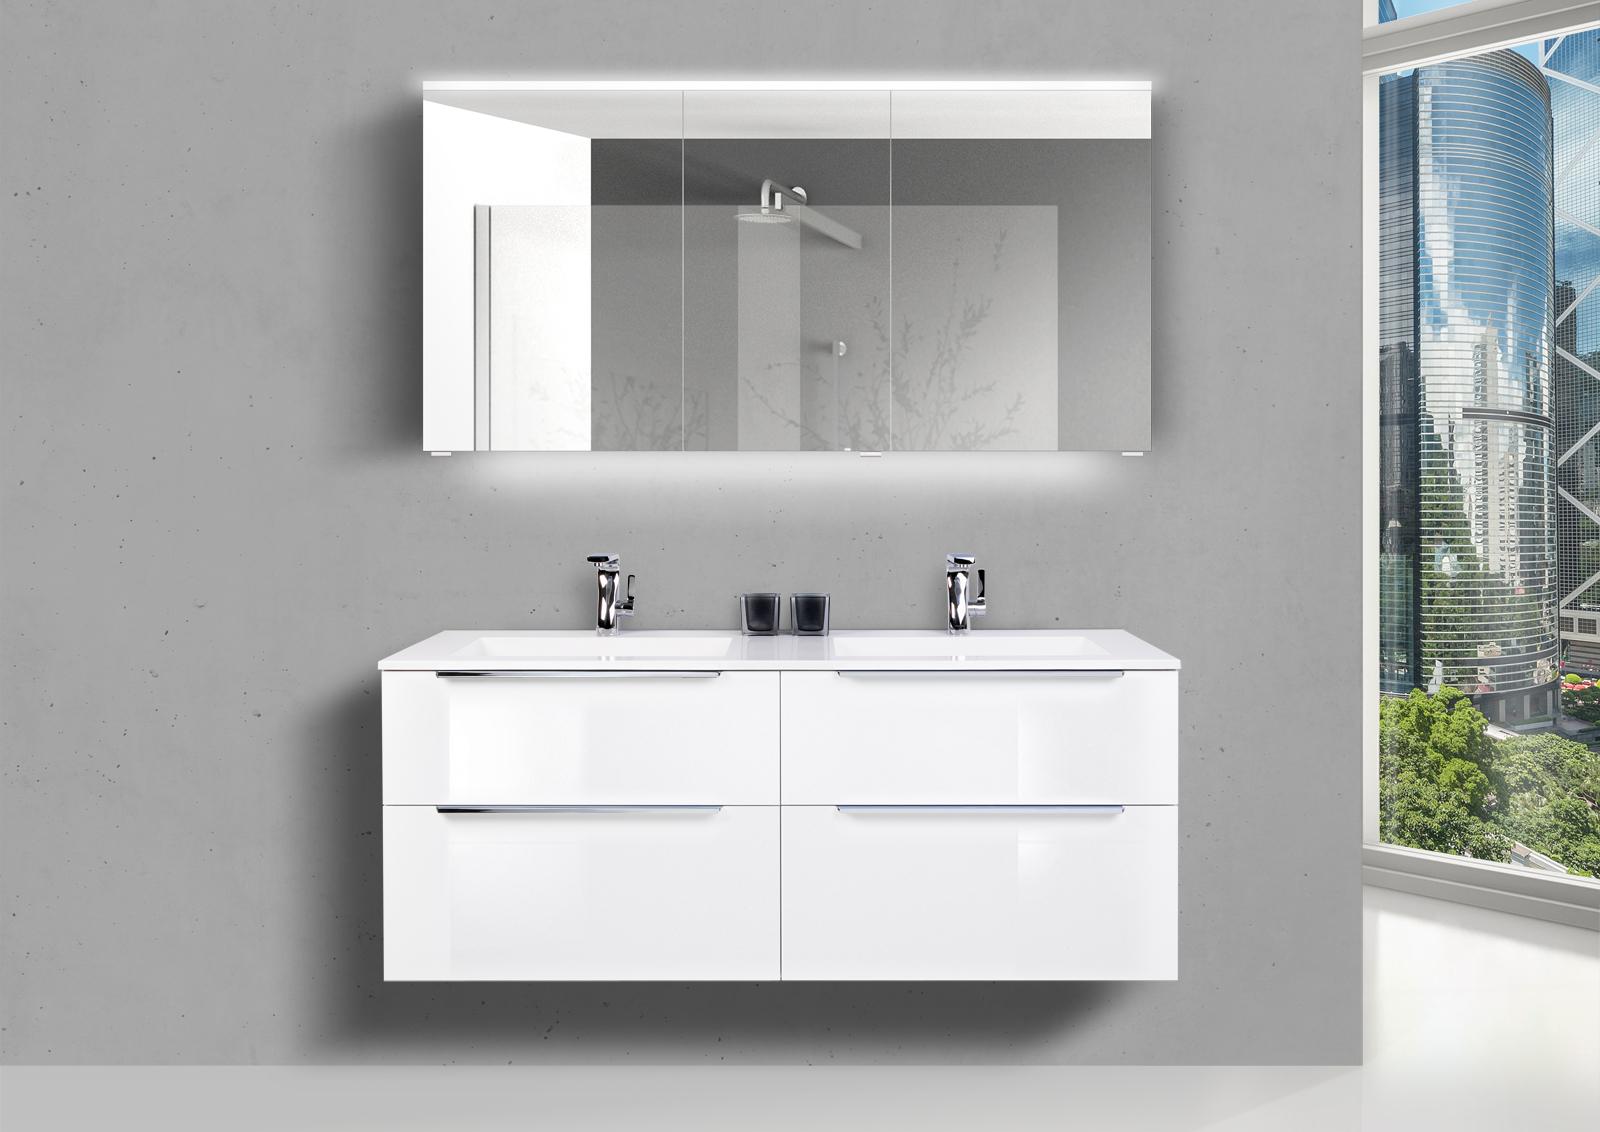 Doppelwaschtisch 140 cm Badmöbel Set SKY, mit Led Spiegelschrank, Weiß  Hochglanz Lack